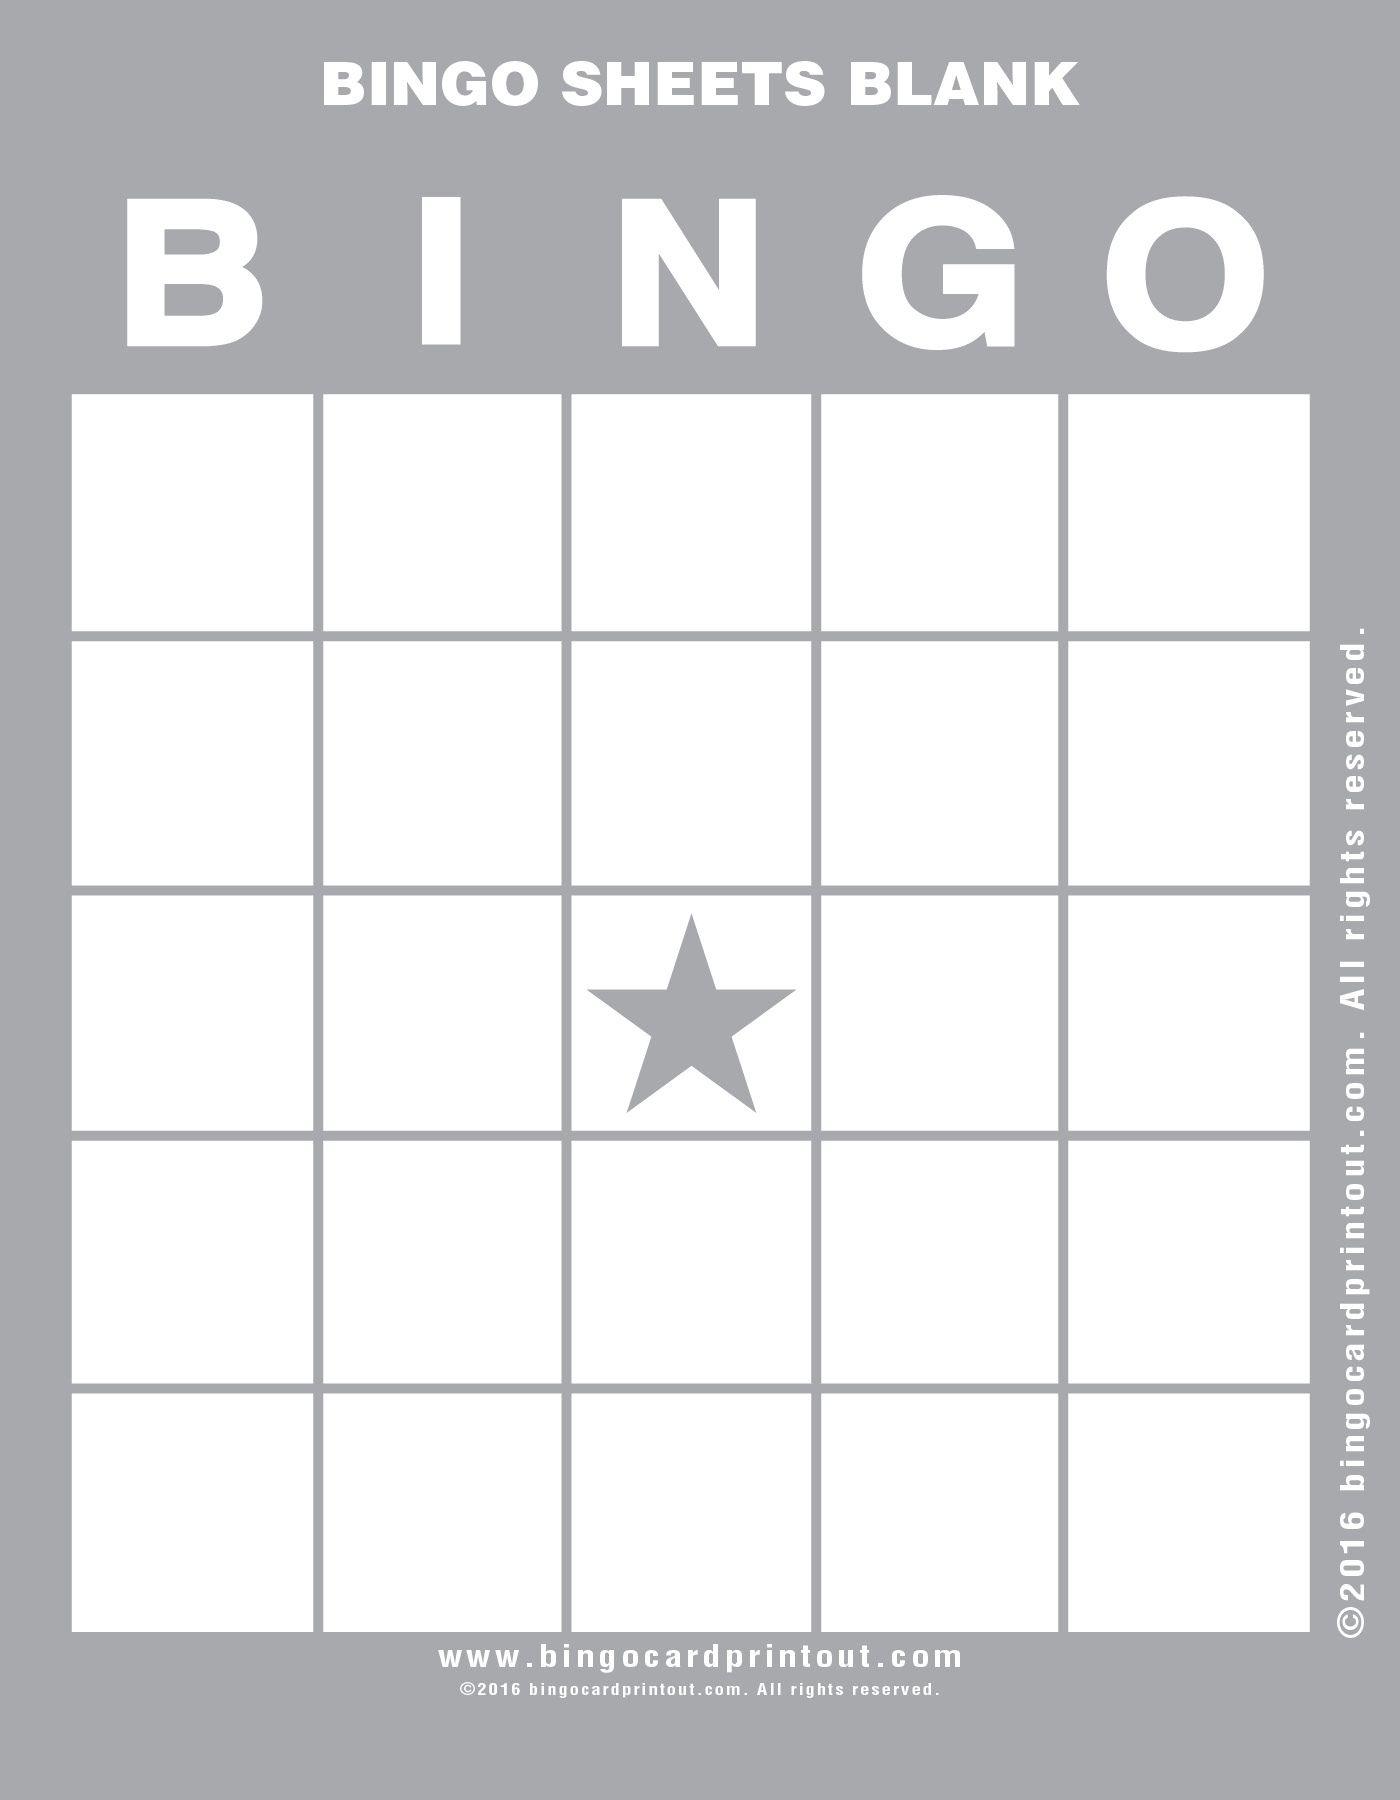 Bingo Sheets Blank | Bingo Sheets, Blank Bingo Cards, Bingo